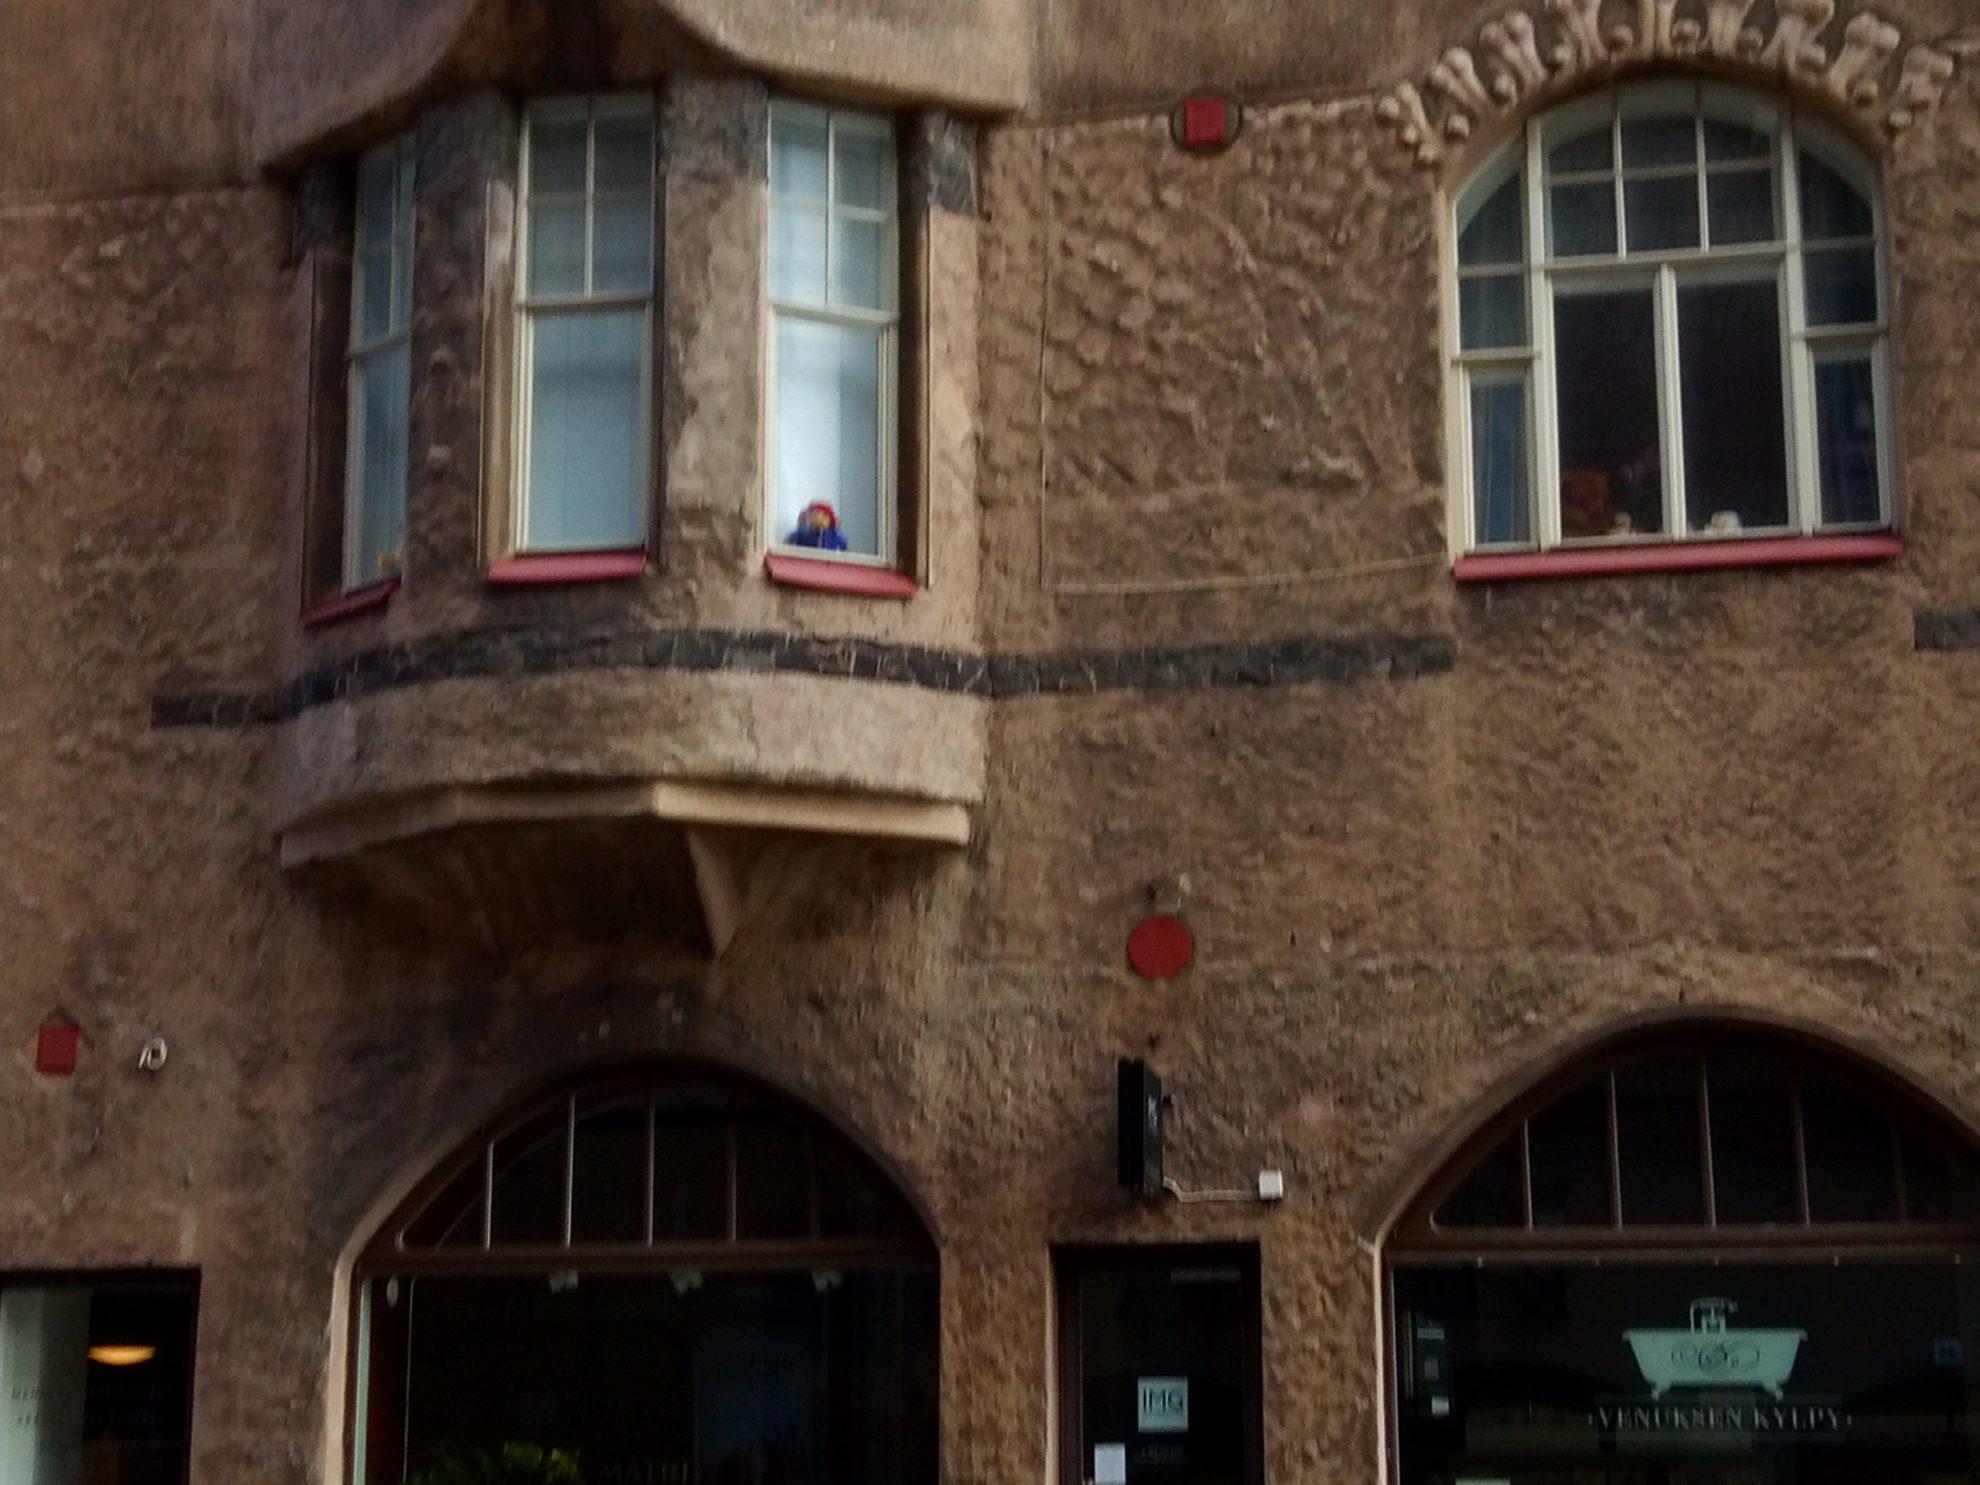 こちらの2階の出窓にも同じクマのぬいぐるみ